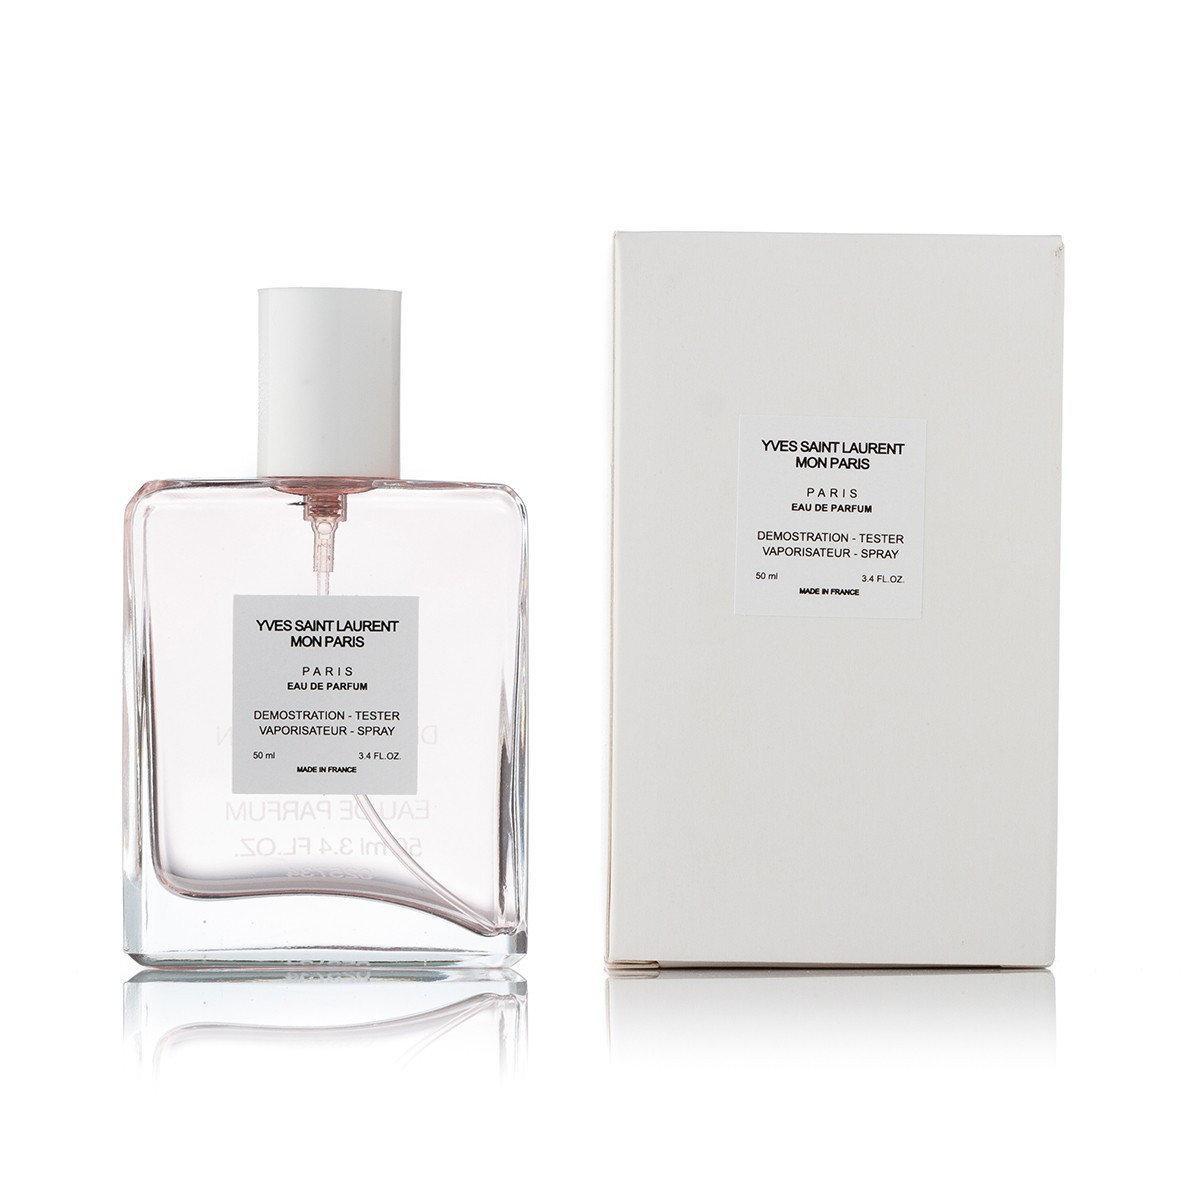 Женская парфюмированная вода Yves Saint Laurent Mon Paris (ив сен лоран мун париж) тестер 50 мл (реплика)